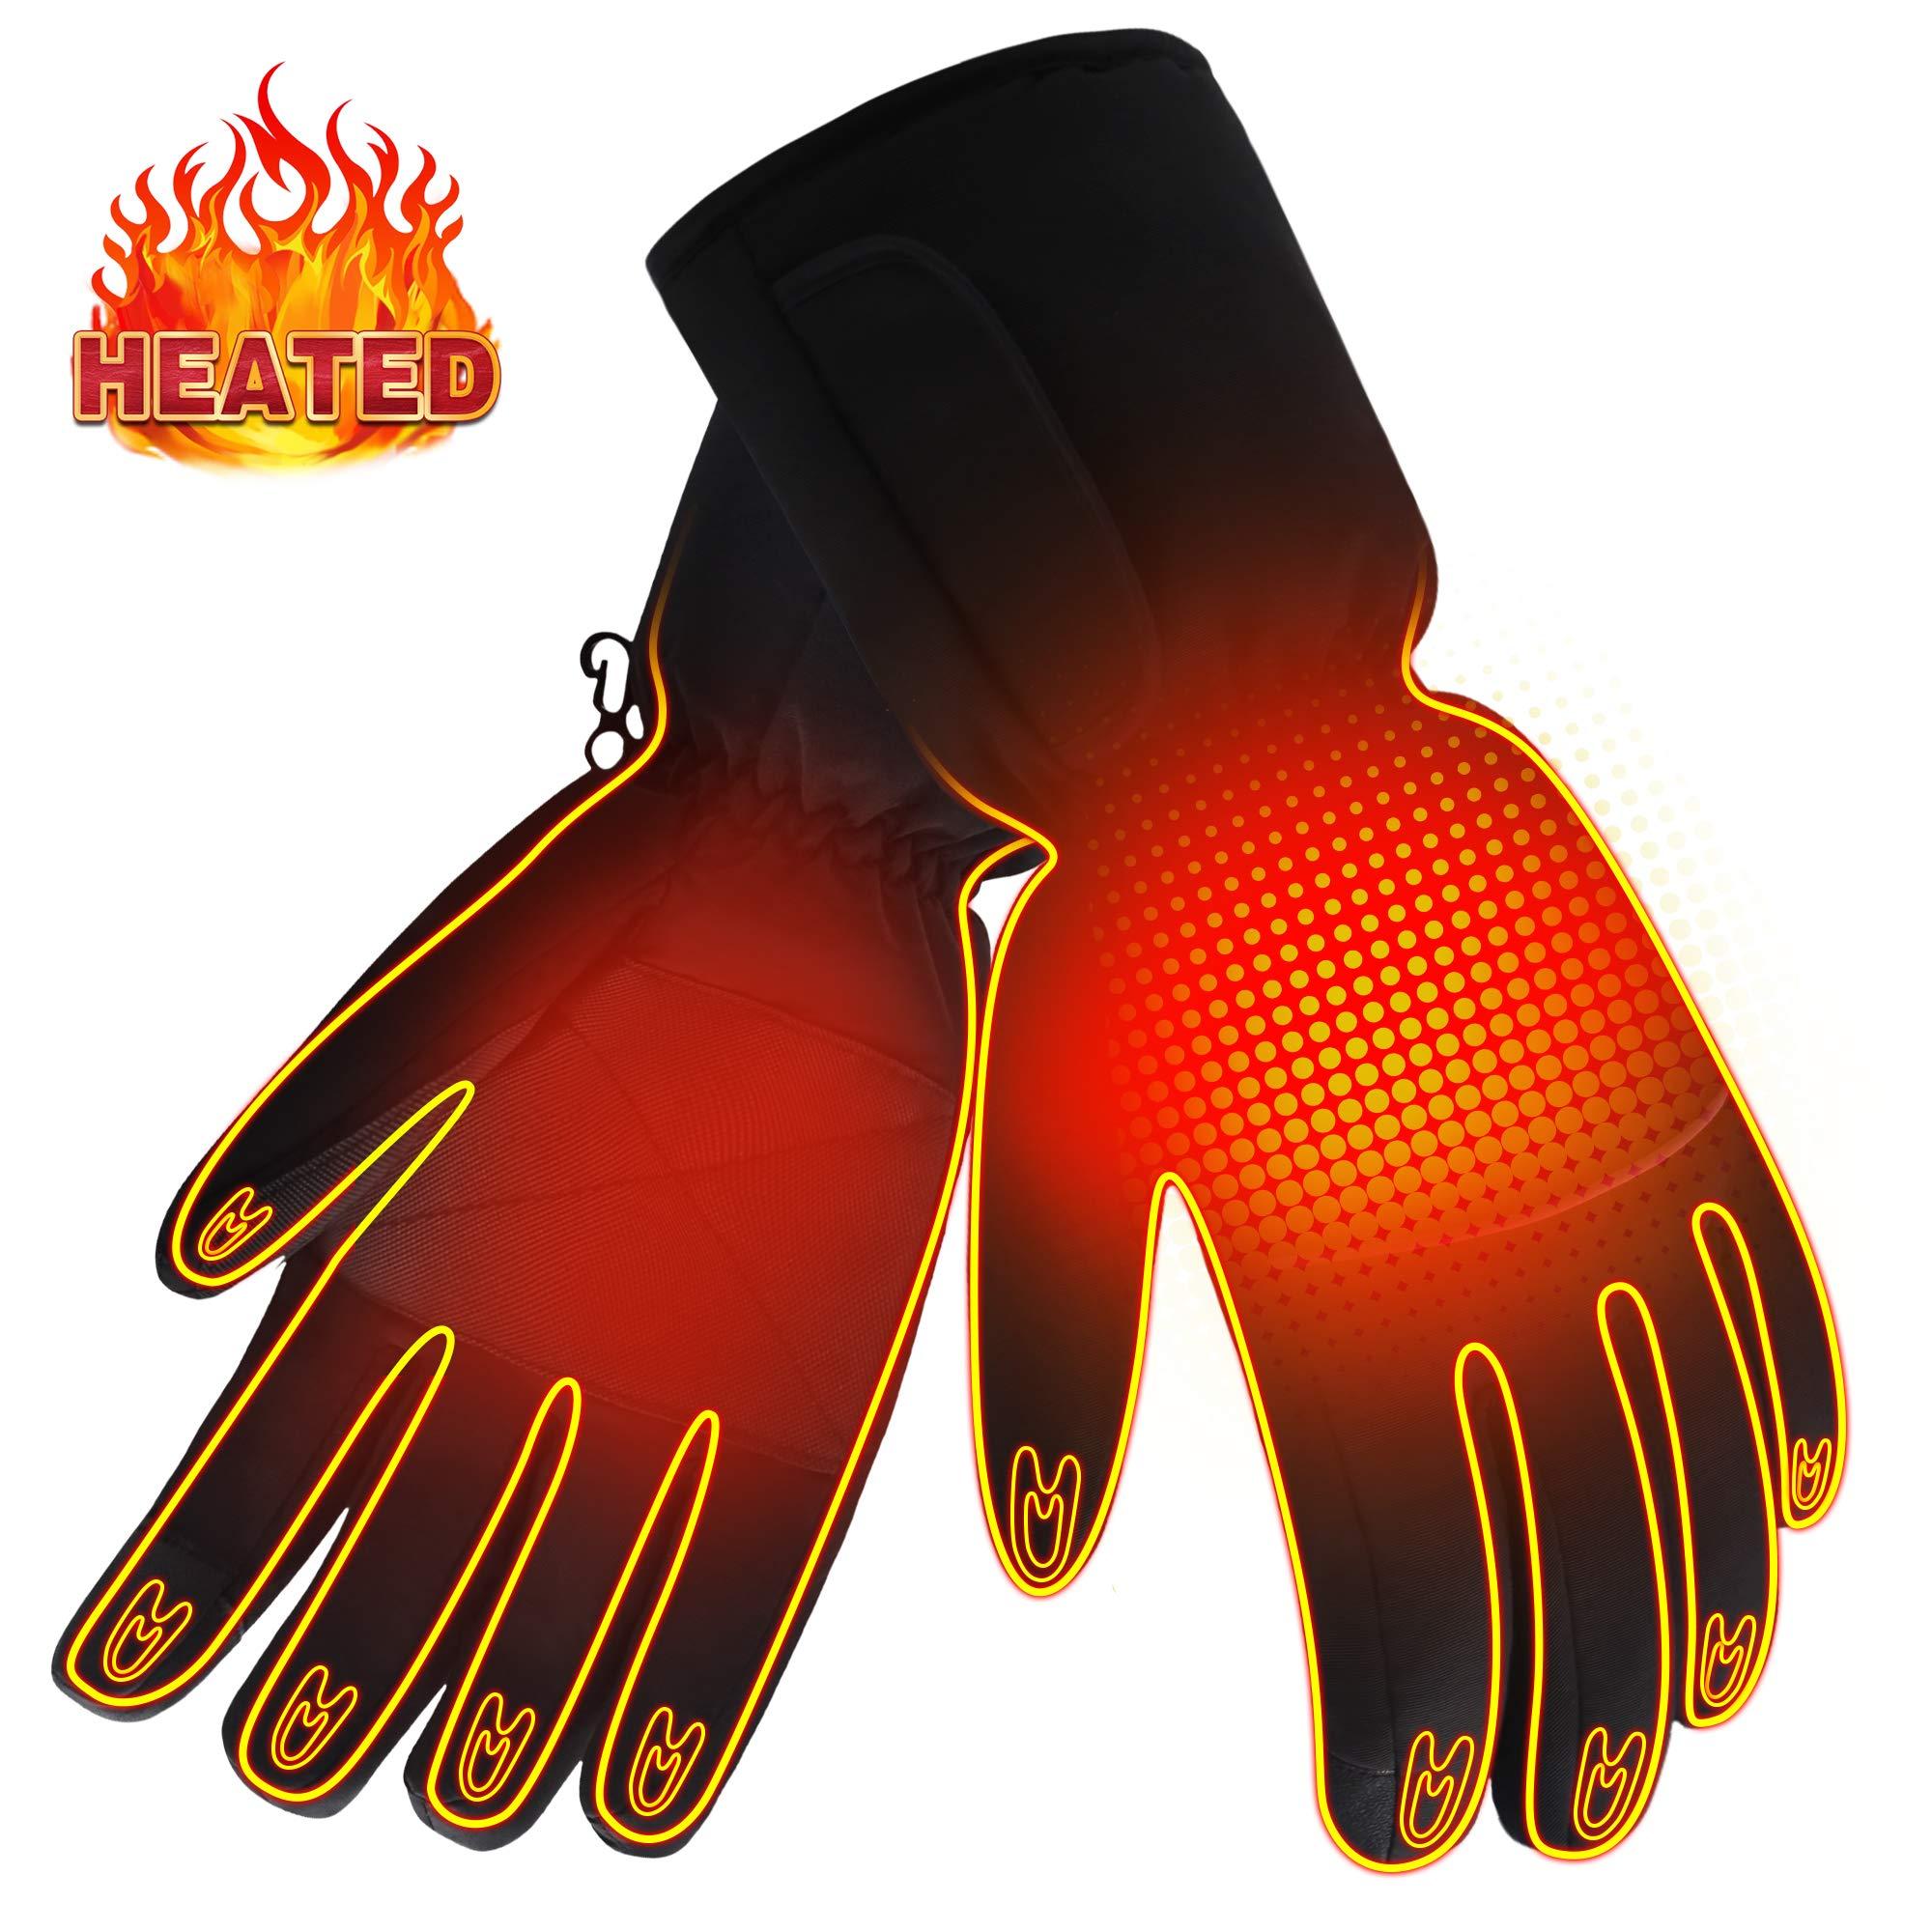 充電式電気暖房冬の手袋、手袋男性女性バッテリー暖房、温水暖かい手袋は冬のスポーツのためのスクリーンセーバーを触れます足ウォーマーの屋外クライミング